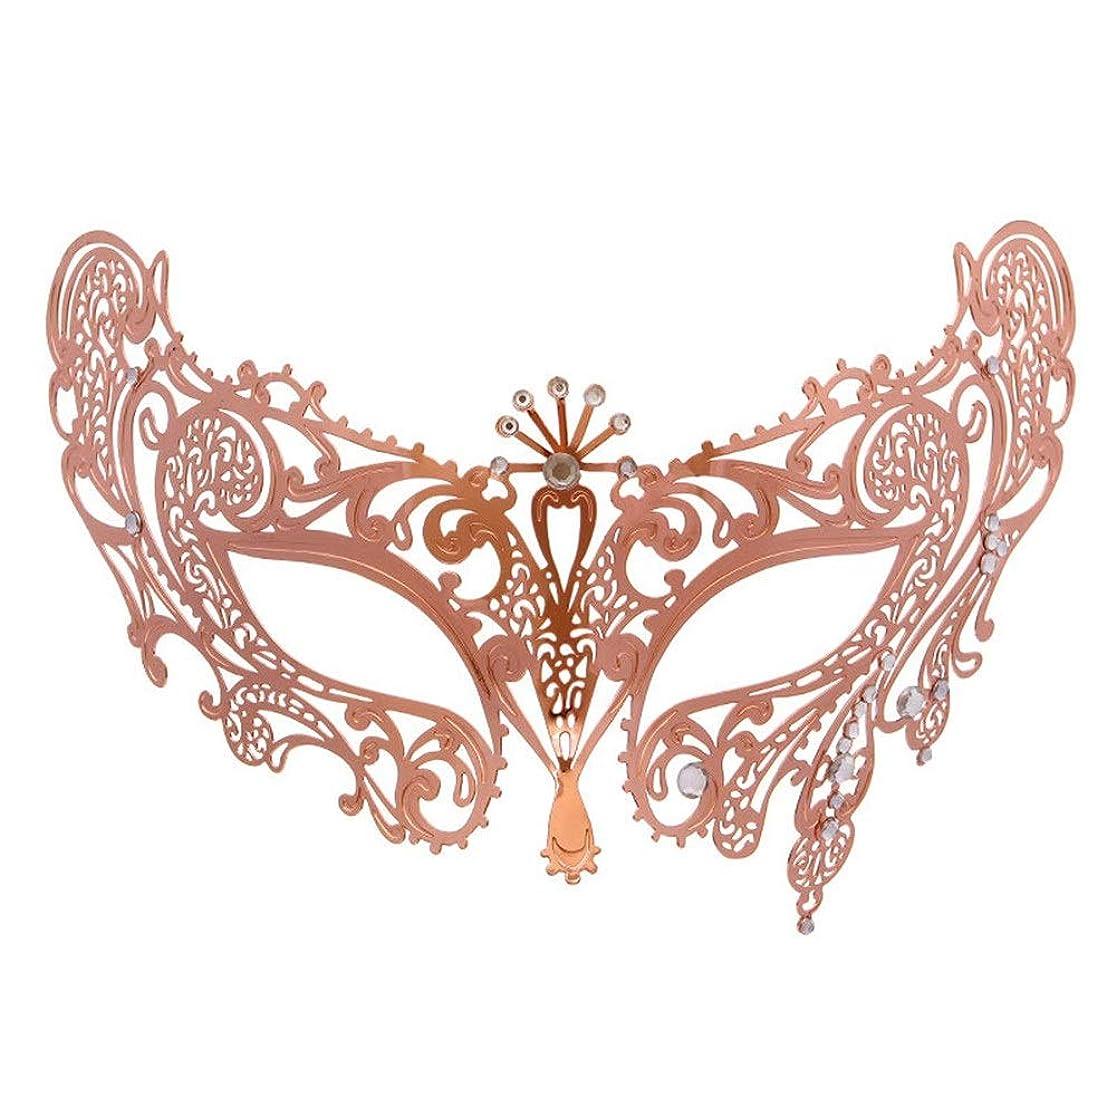 購入悲しむ父方のダンスマスク メタルハーフフェイスセブンダイヤモンドローズゴールドダンスパフォーマンスメタルマスクナイトクラブボールマスクコスプレパーティーハロウィンマスク ホリデーパーティー用品 (色 : Rose gold, サイズ : 19x8cm)